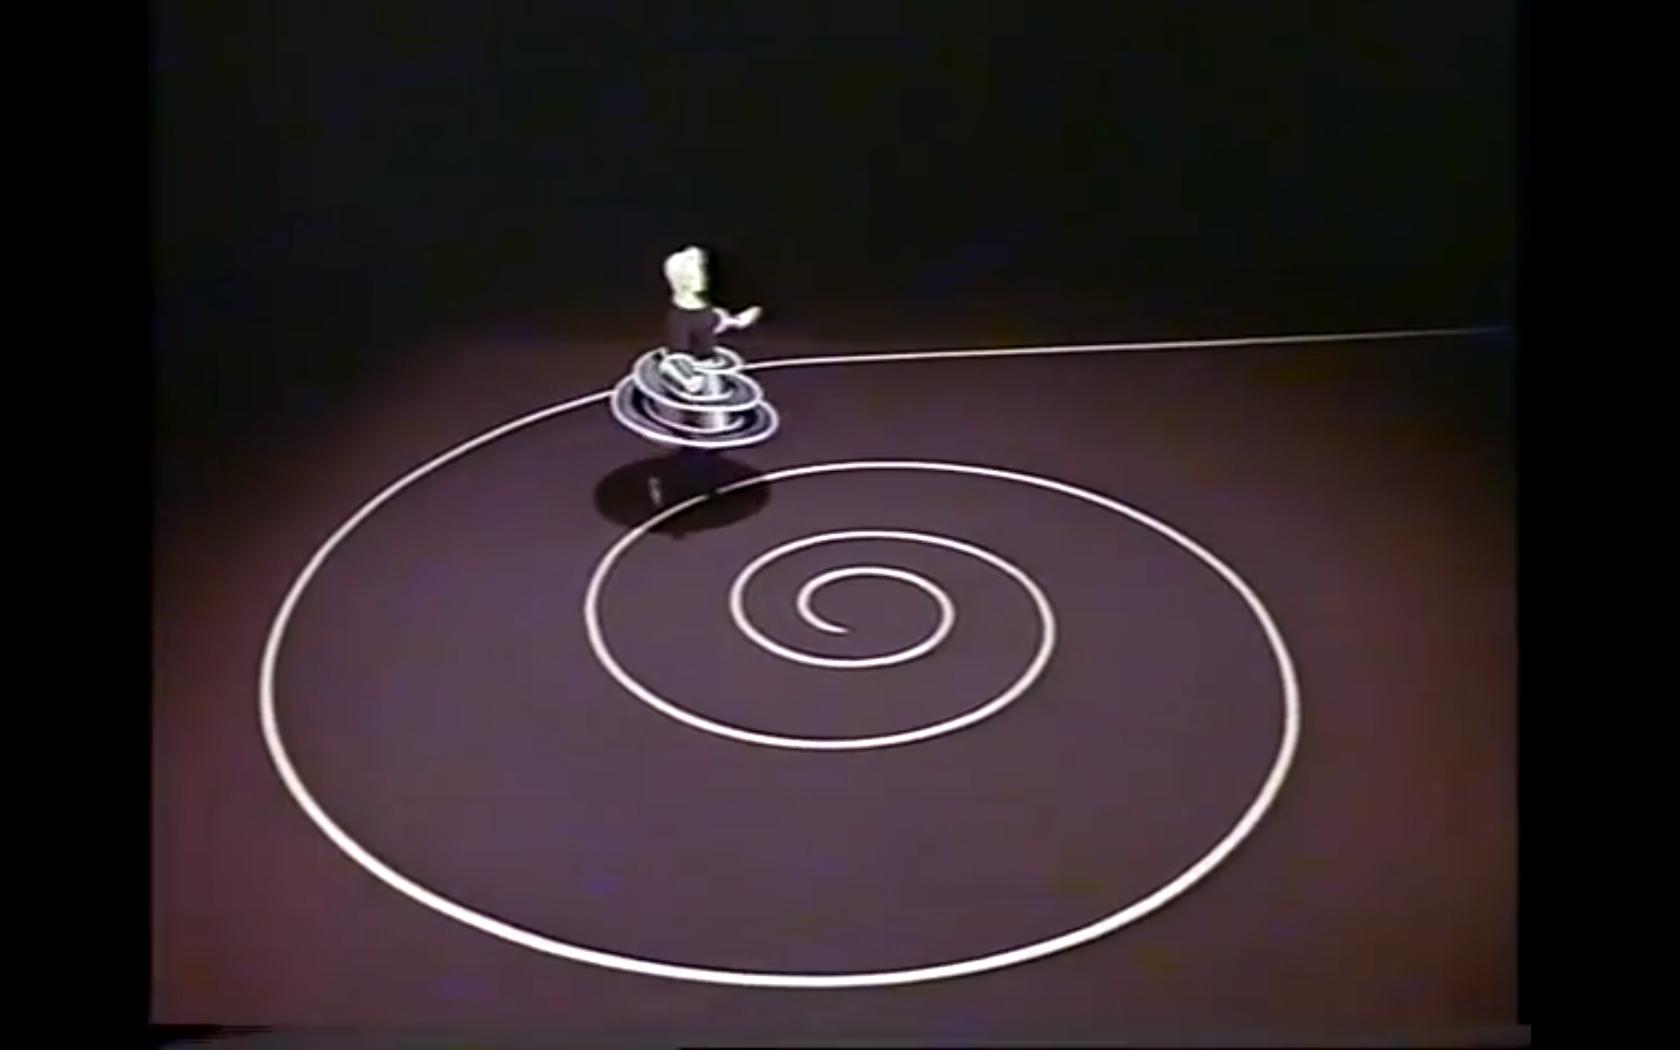 Das Triadische Ballet - Oskar Schlemmer | Bauhaus | Pinterest | Bauhaus